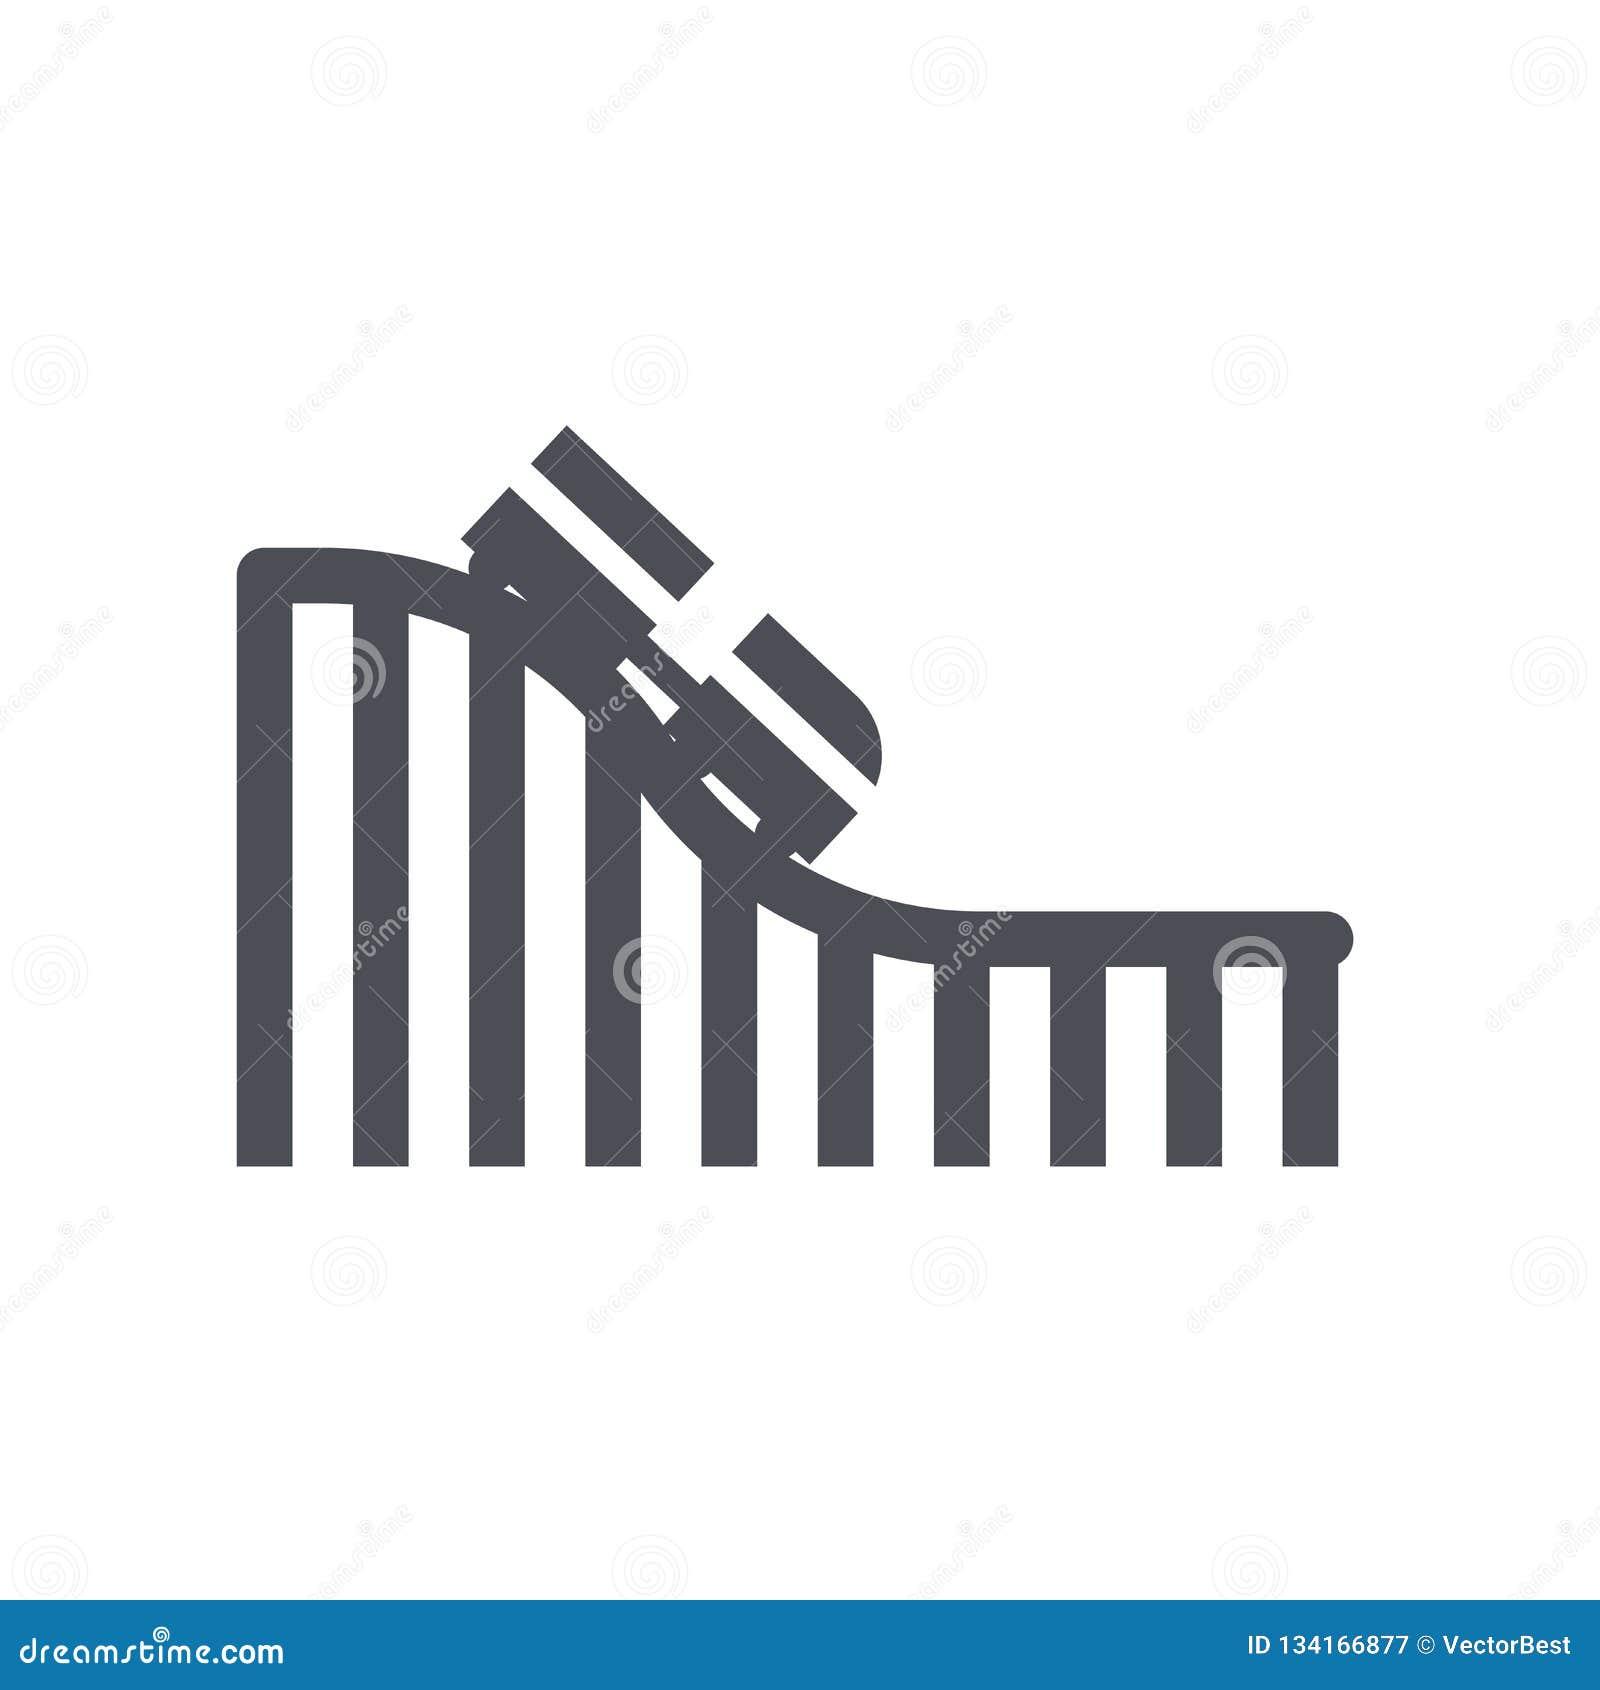 Ρόλερ κόστερ σημάδι και σύμβολο εικονιδίων διανυσματικό που απομονώνονται στο άσπρο υπόβαθρο, έννοια λογότυπων ρόλερ κόστερ